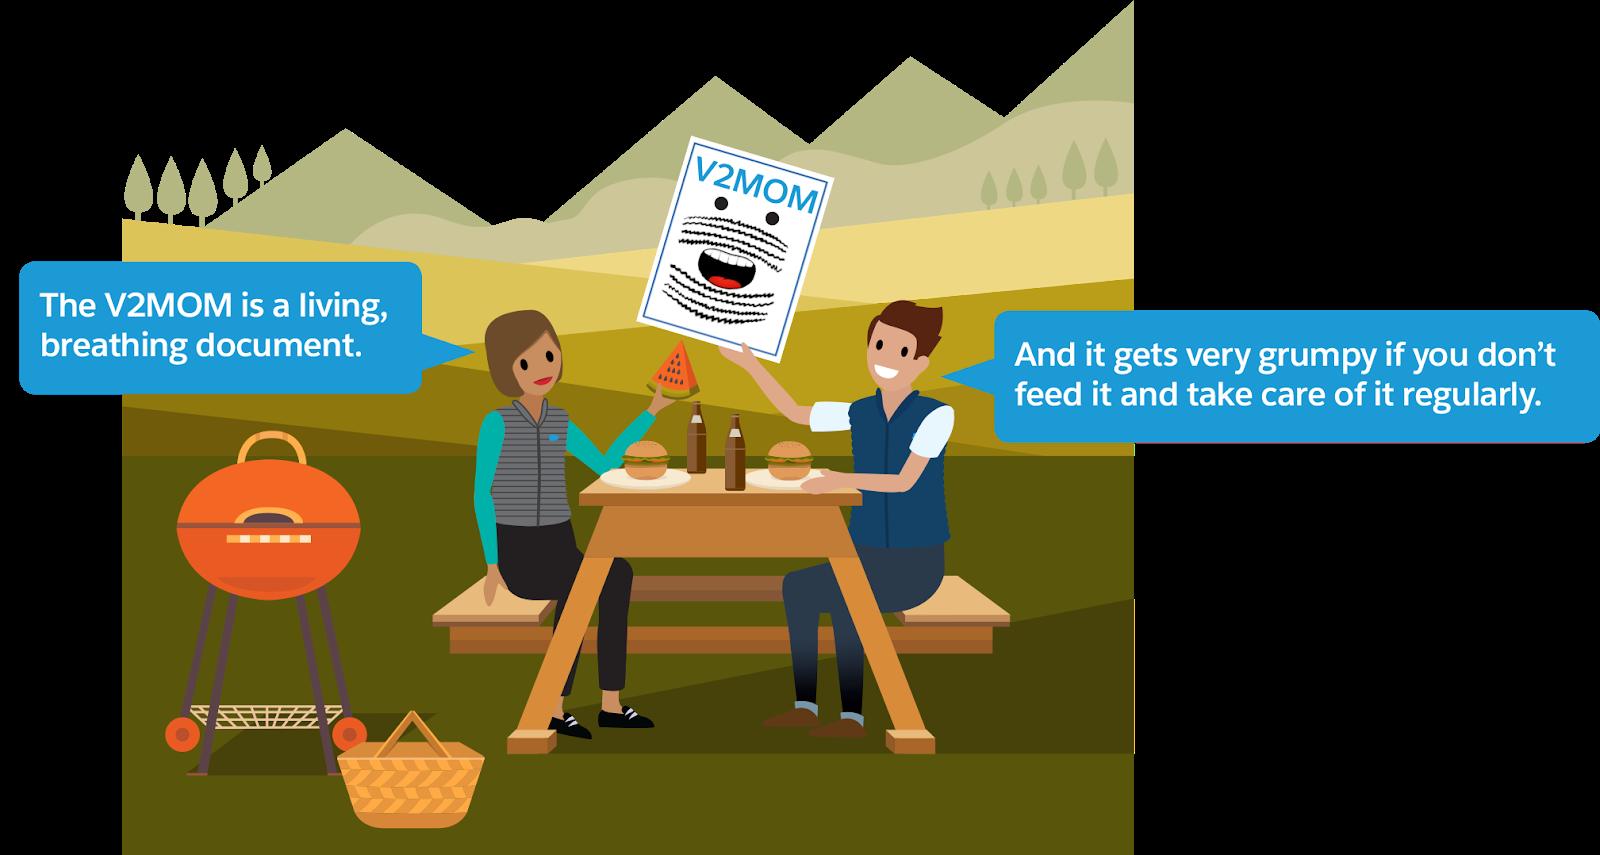 Le V2MOM est un document vivant qui se plaint si vous ne l'alimentez pas ou si vous l'abandonnez.